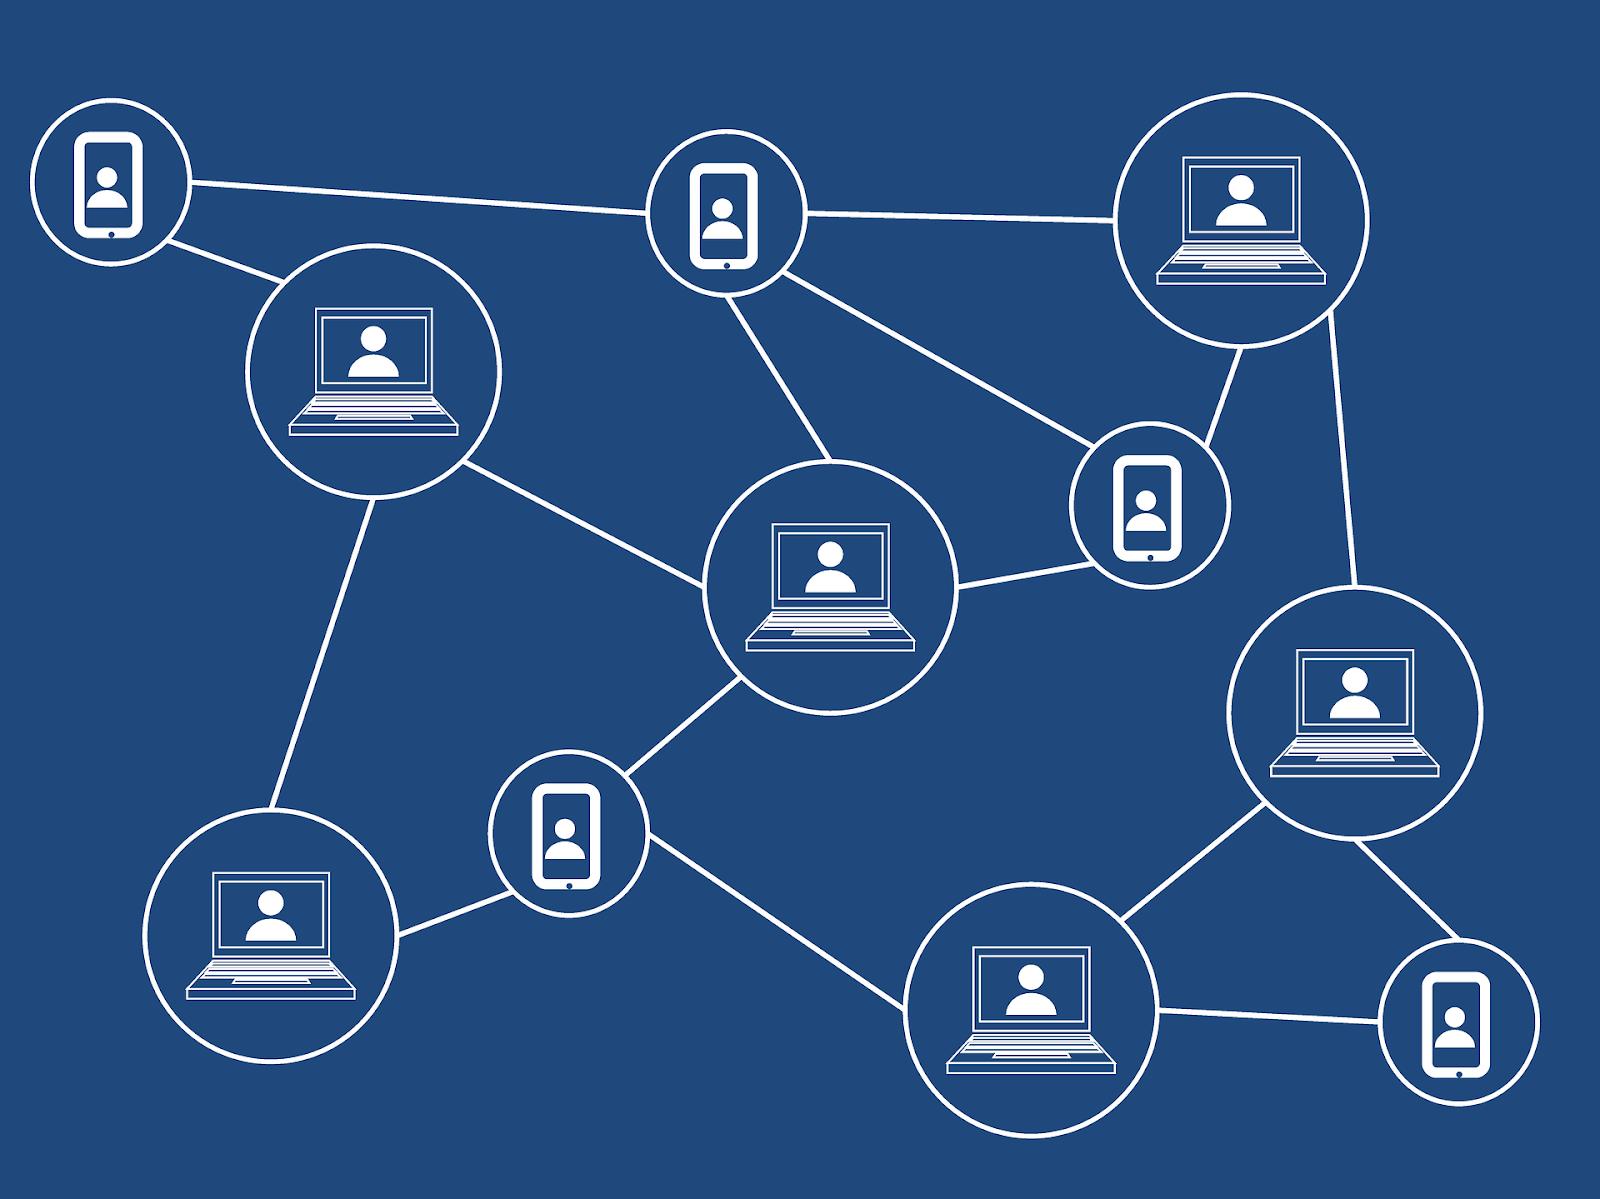 Negociaciones con Blockchain e IoT